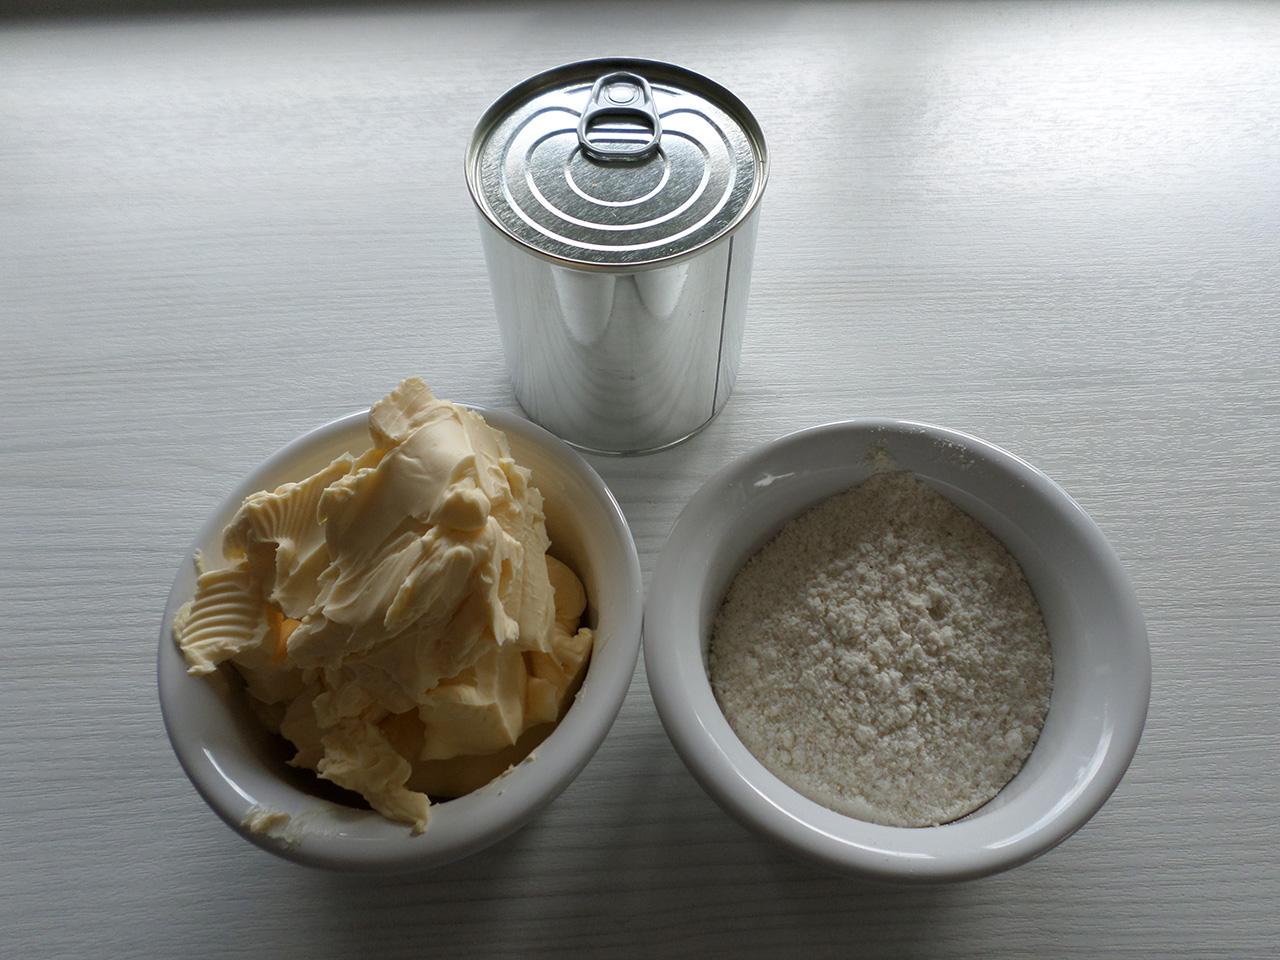 ingredientes biscoitos leite condensado